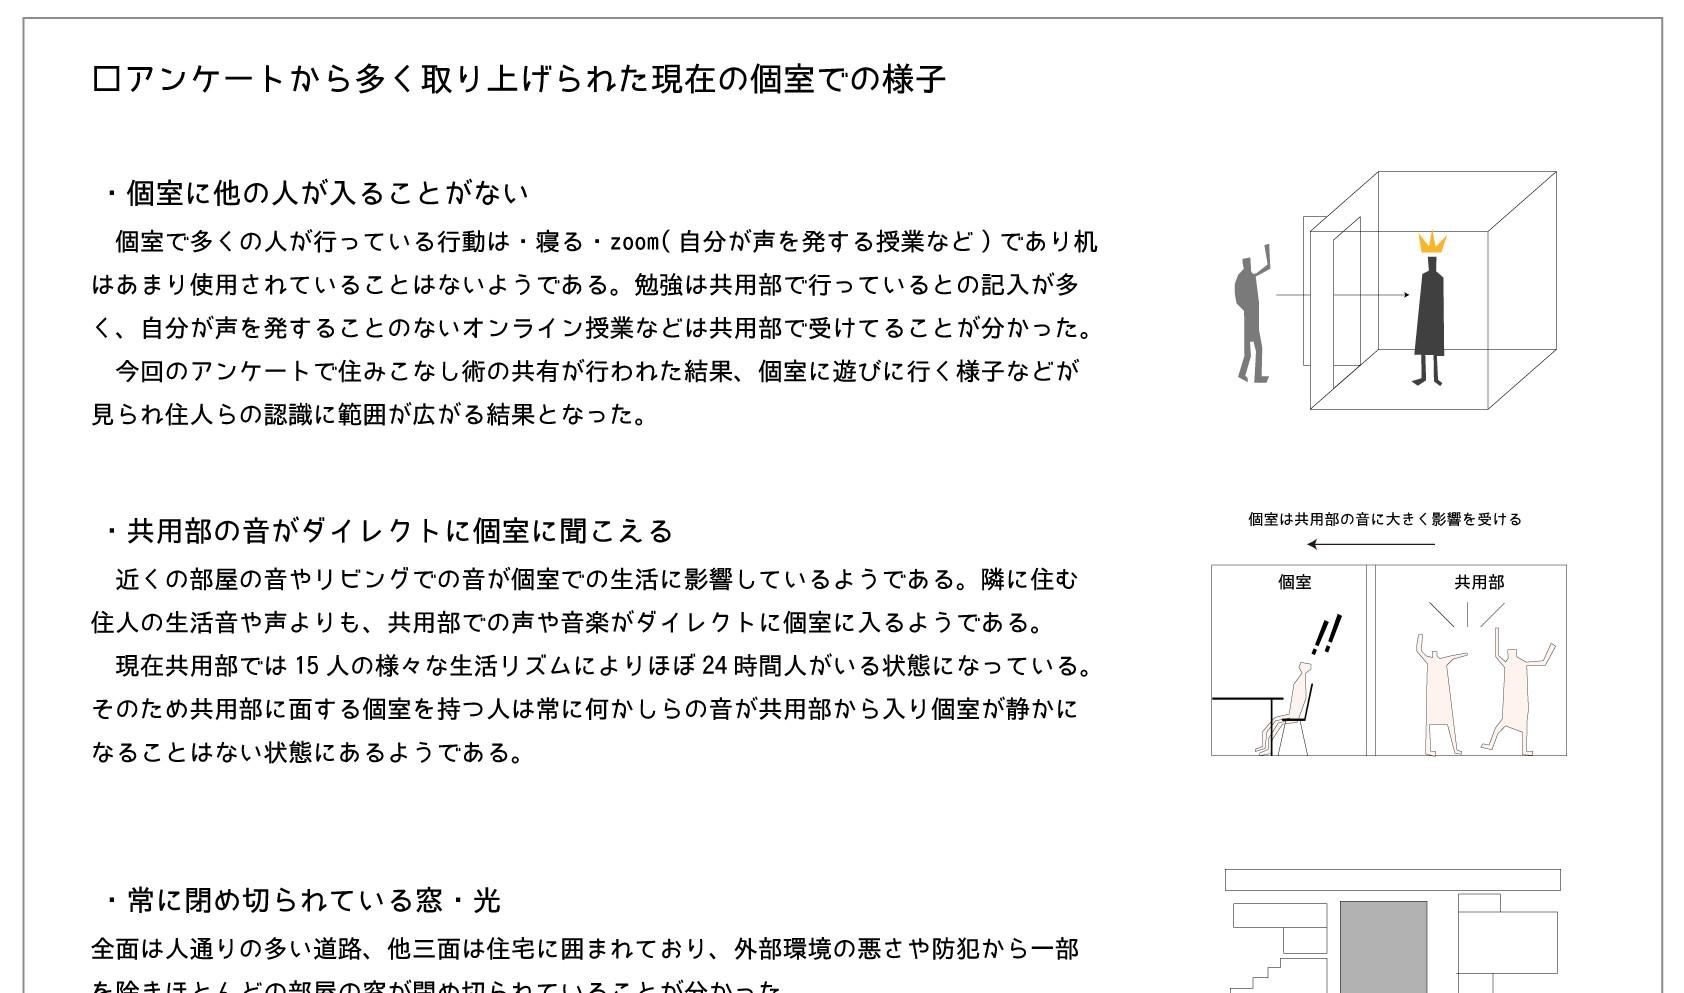 高巣文里_12.jpg